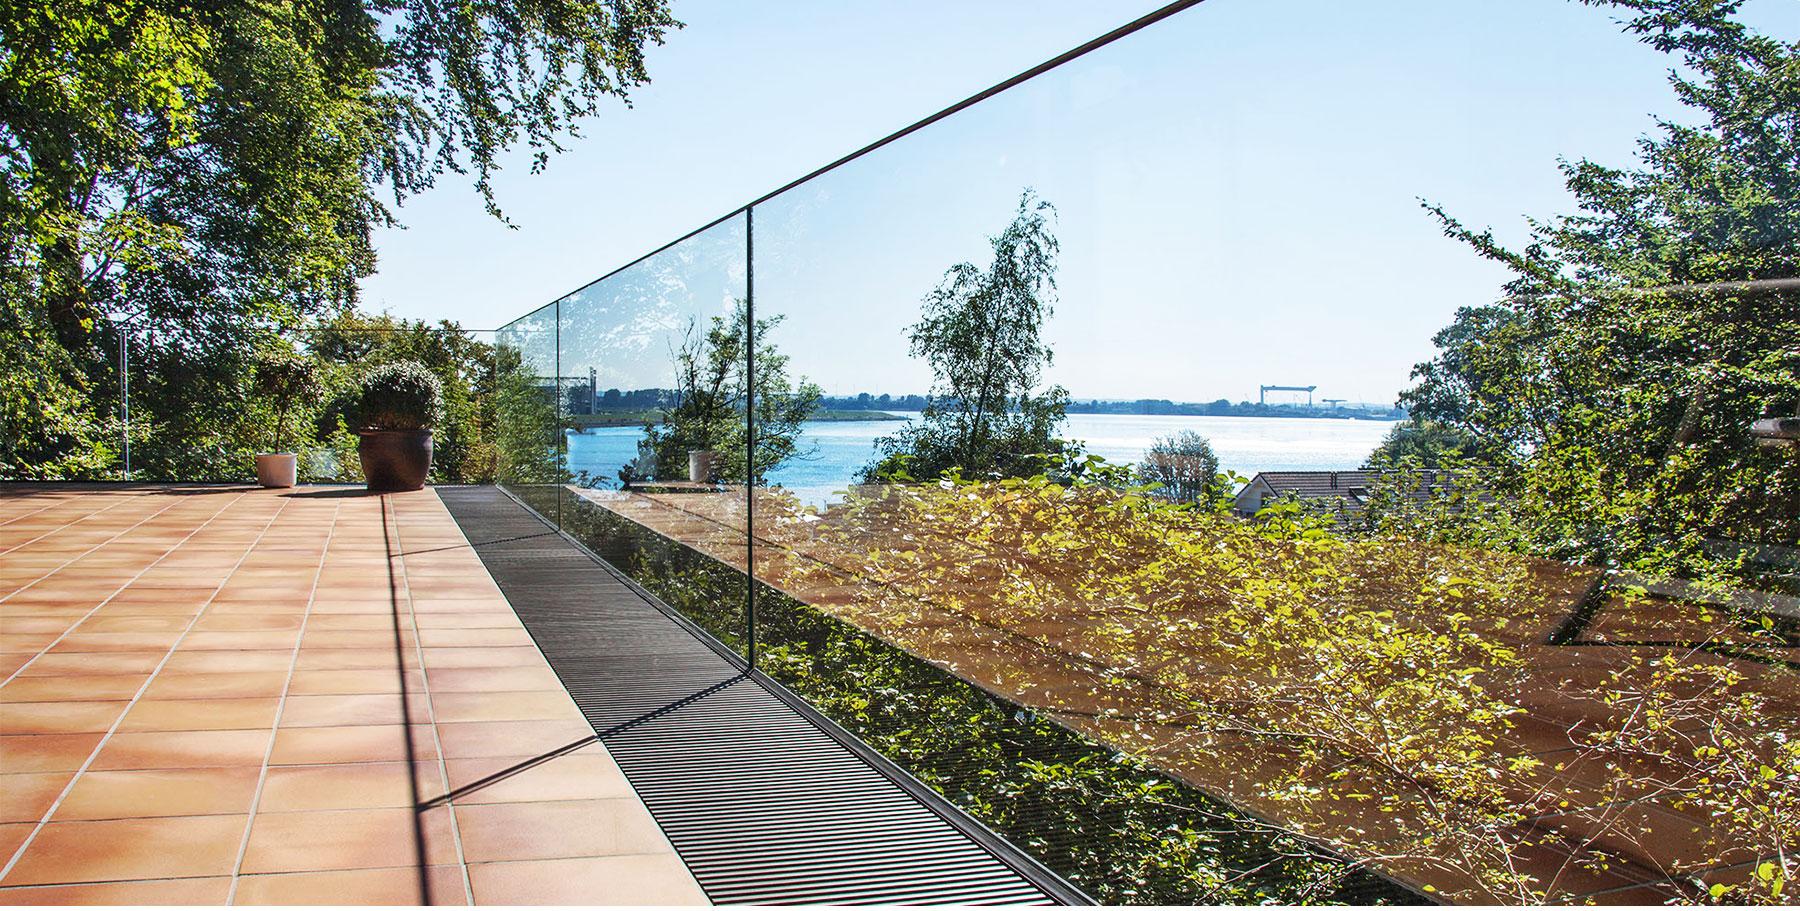 Referenzen Innenarchitektur SDW DESIGN Privathaus An der Elbe